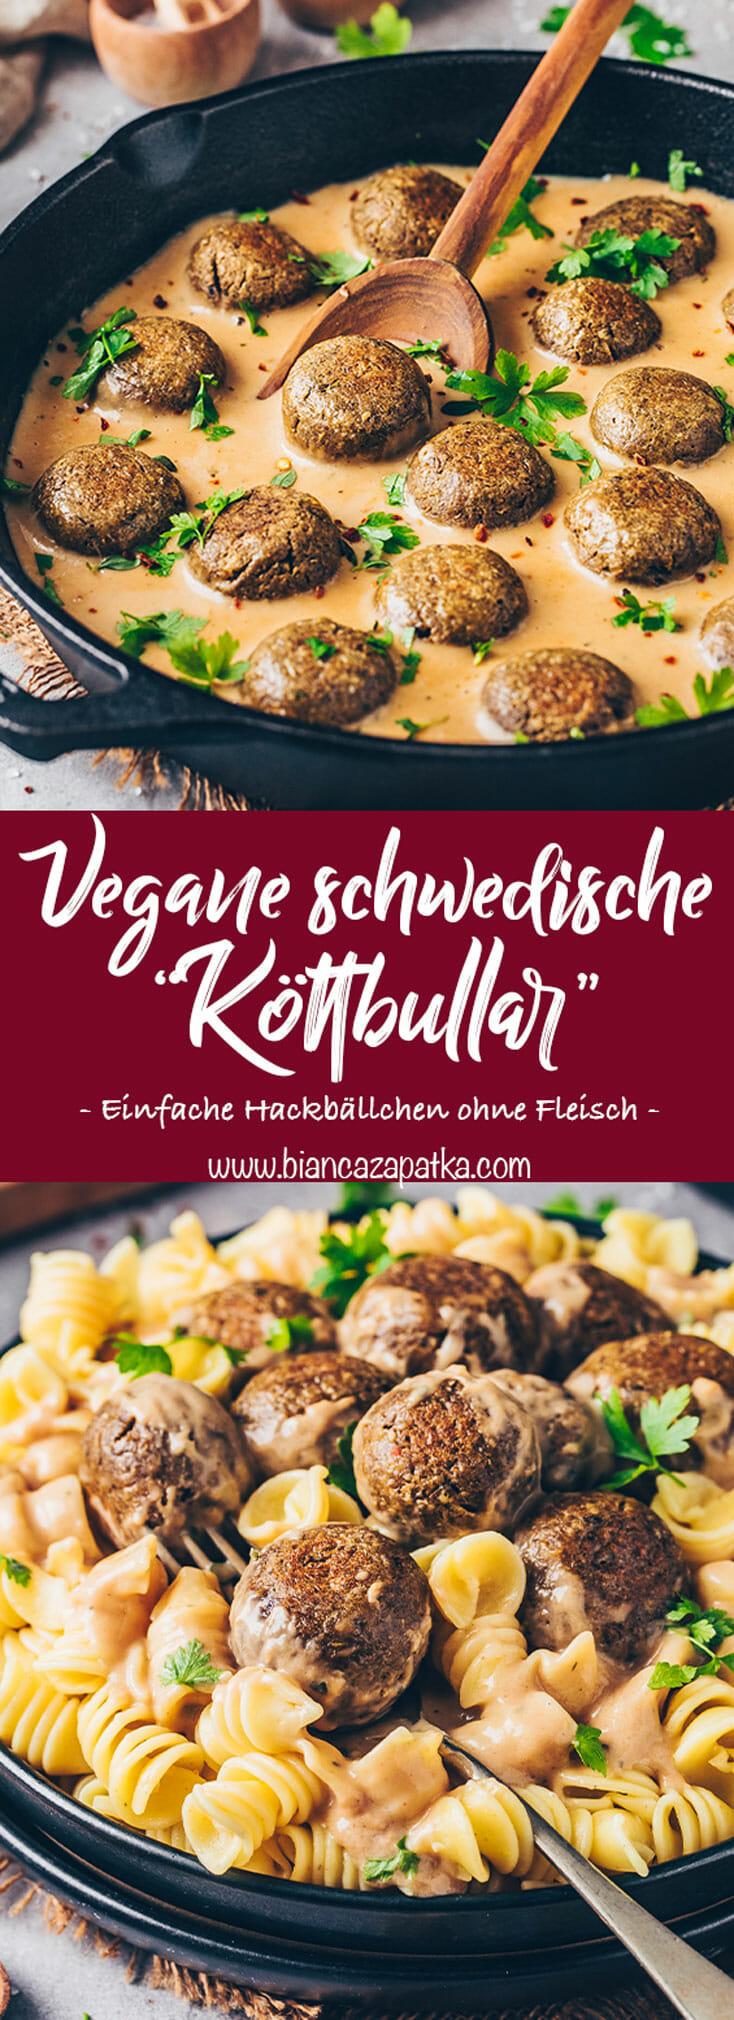 Vegane Schwedische Köttbullar (fleischlose Hackbällchen) in Rahm-Sauce